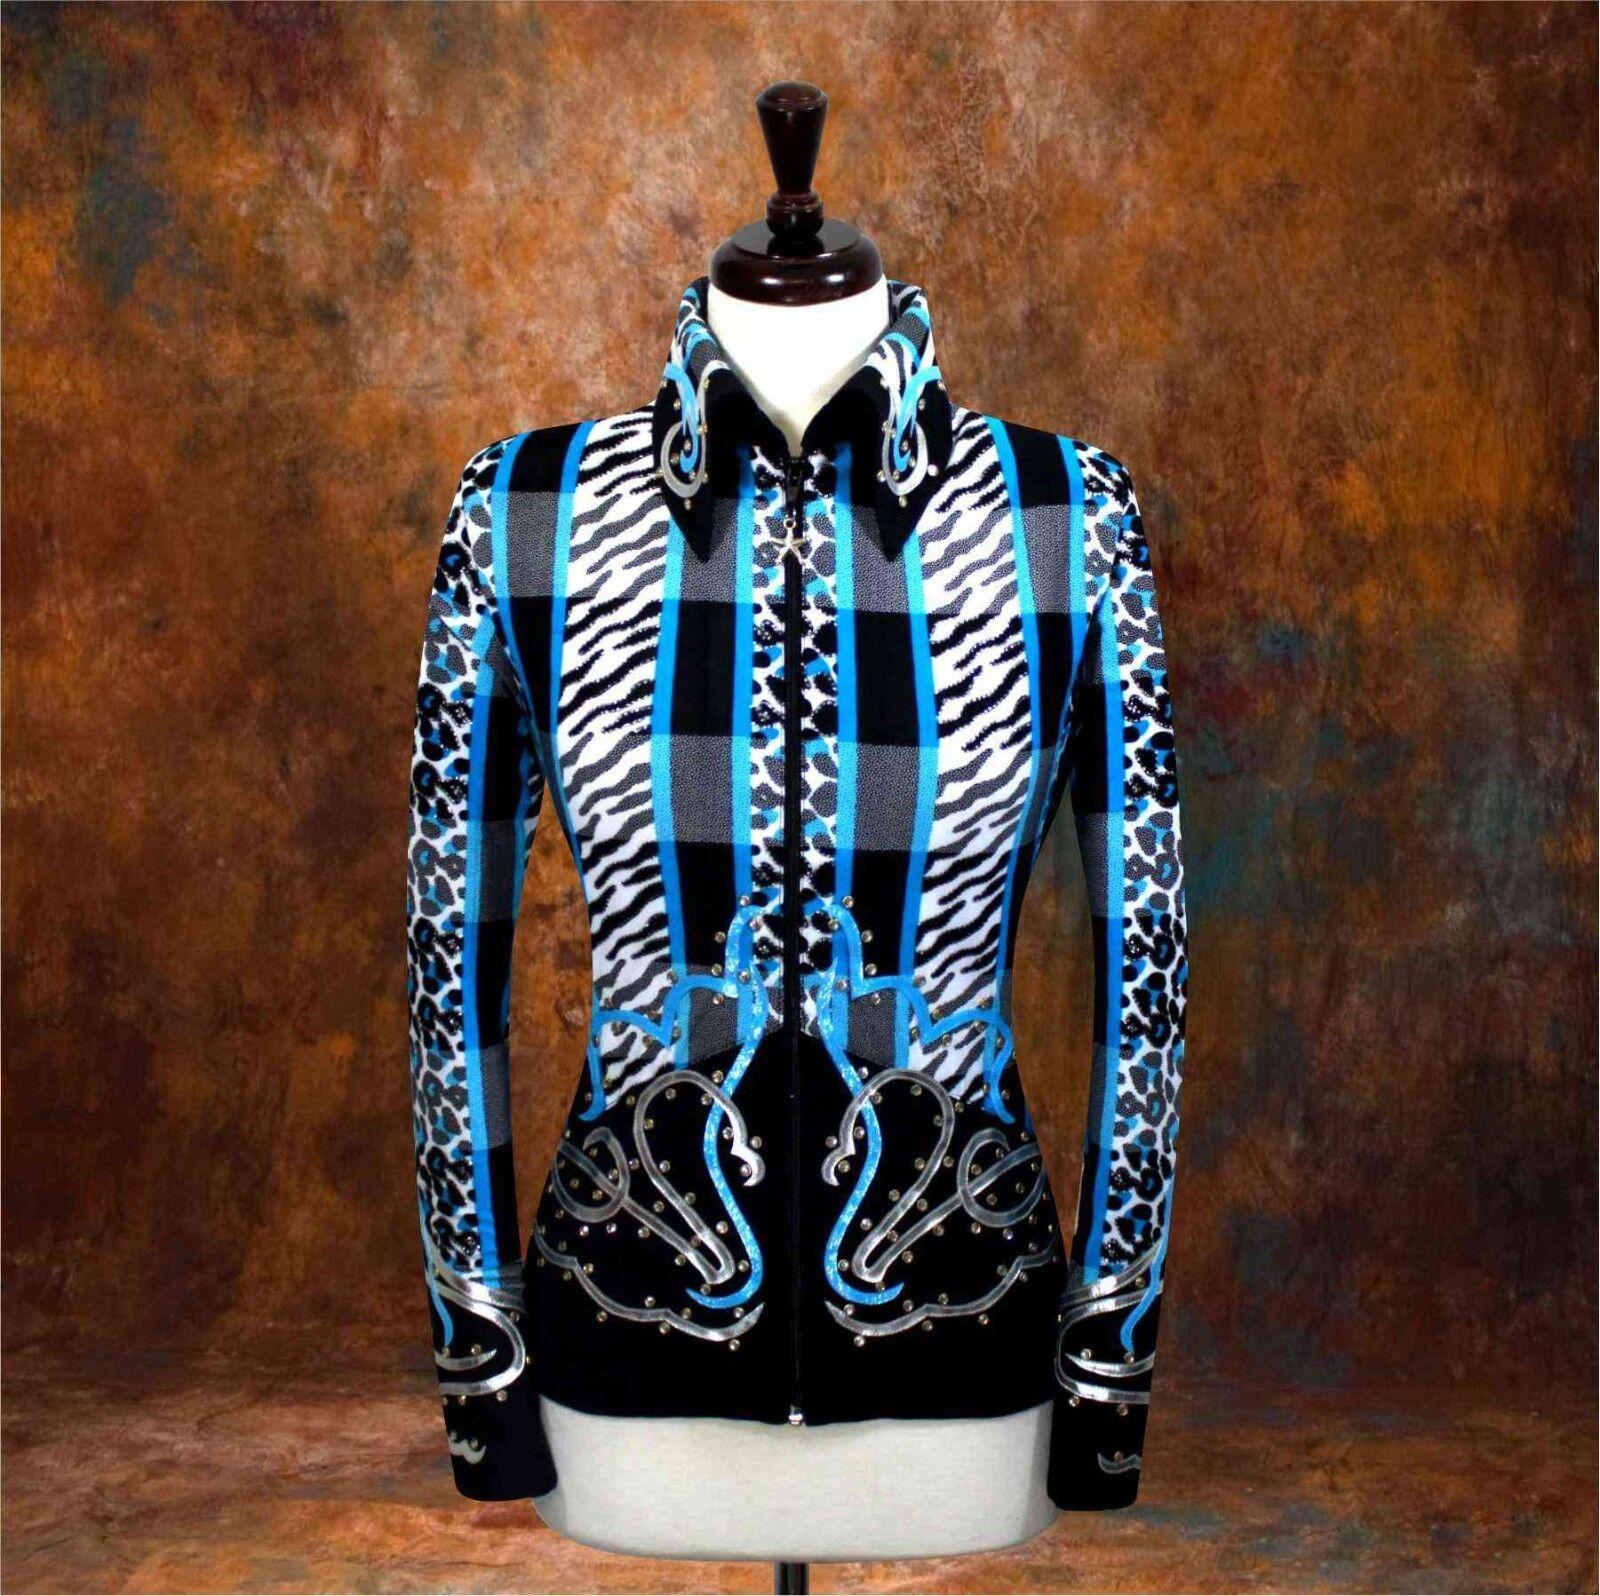 2X-LARGE Western Espectáculo Ocio Equitación Camisa Chaqueta Rodeo Queen